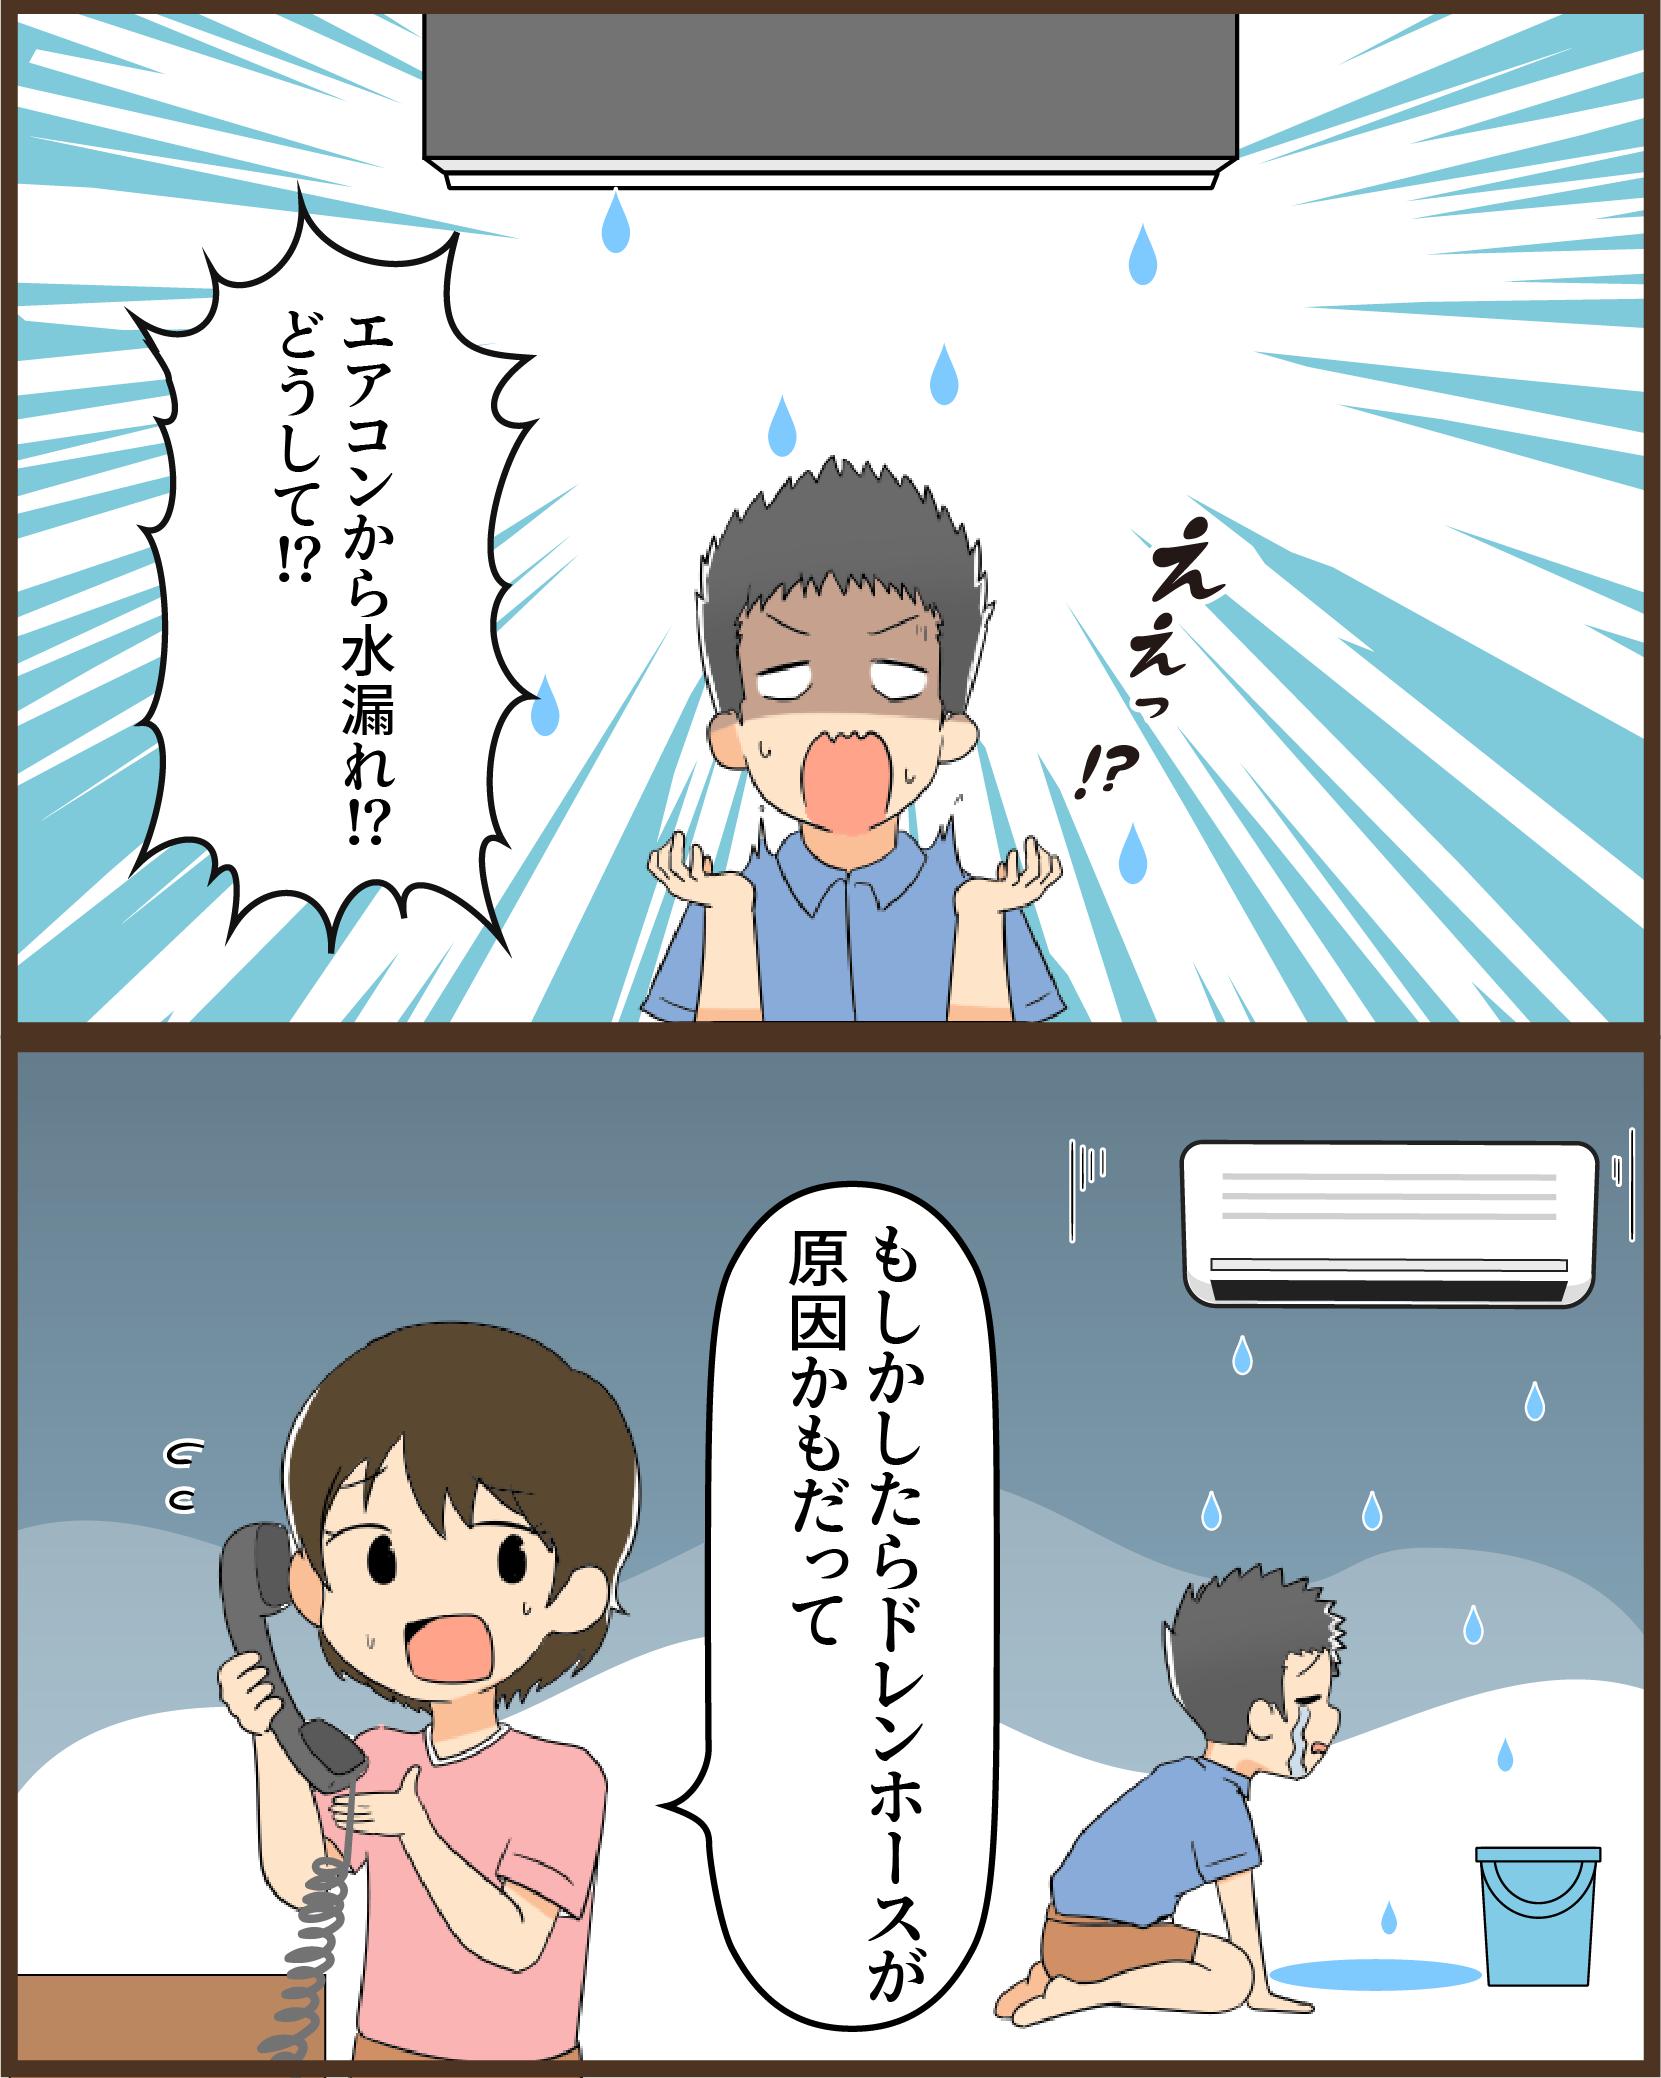 音 エアコン 水 の